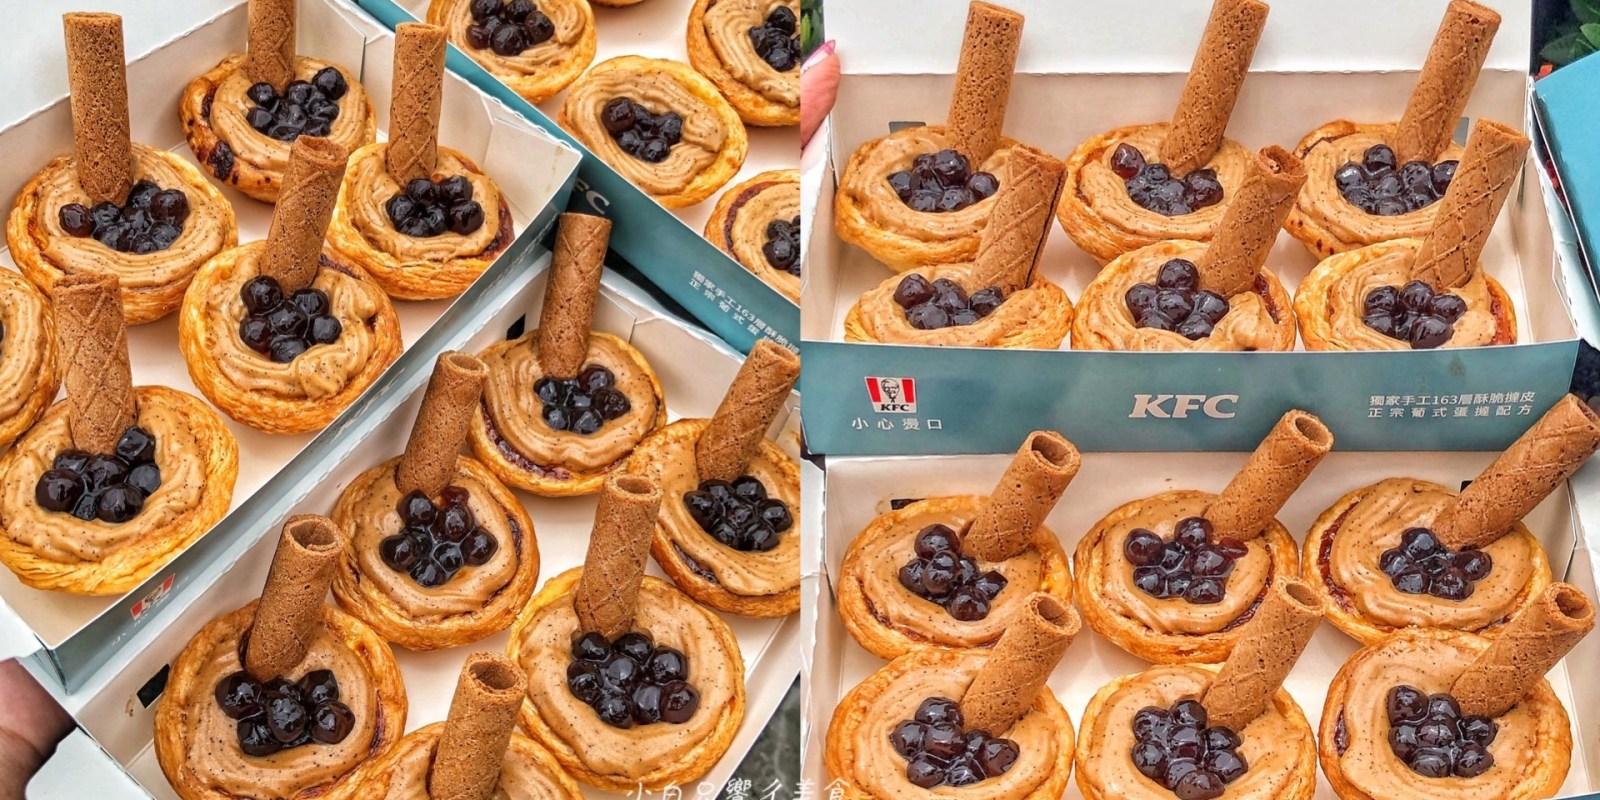 肯德基新品「黑糖珍奶蛋撻」全台只有10間店買得到!每日限量18盒 限時兩週 真的好吃嗎???